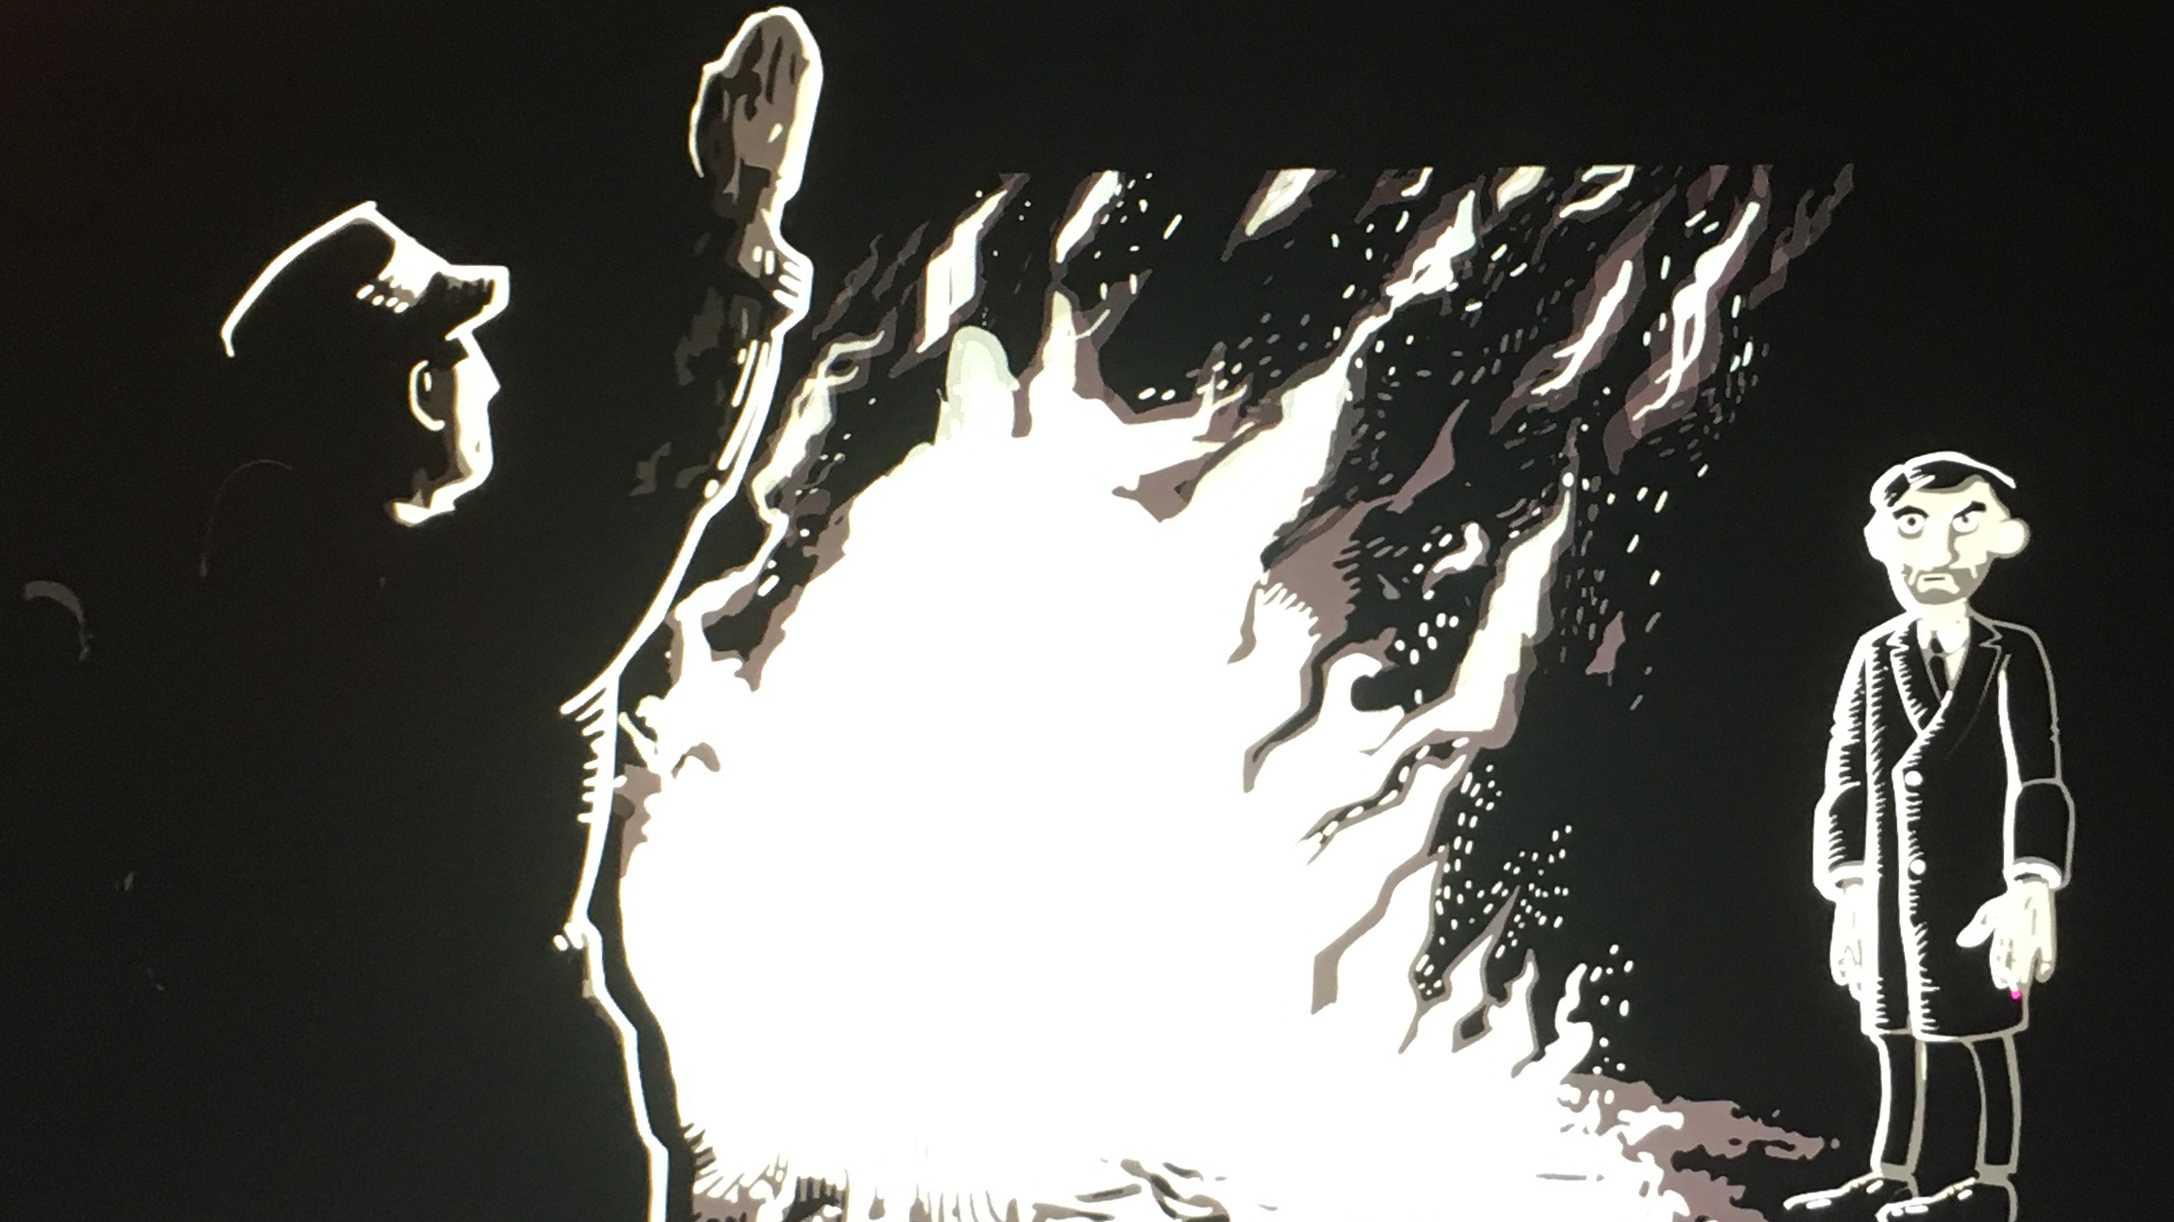 Aufhebung des Hakenkreuz-Verbots: Entwickler wehrt sich gegen DGB-Kritik